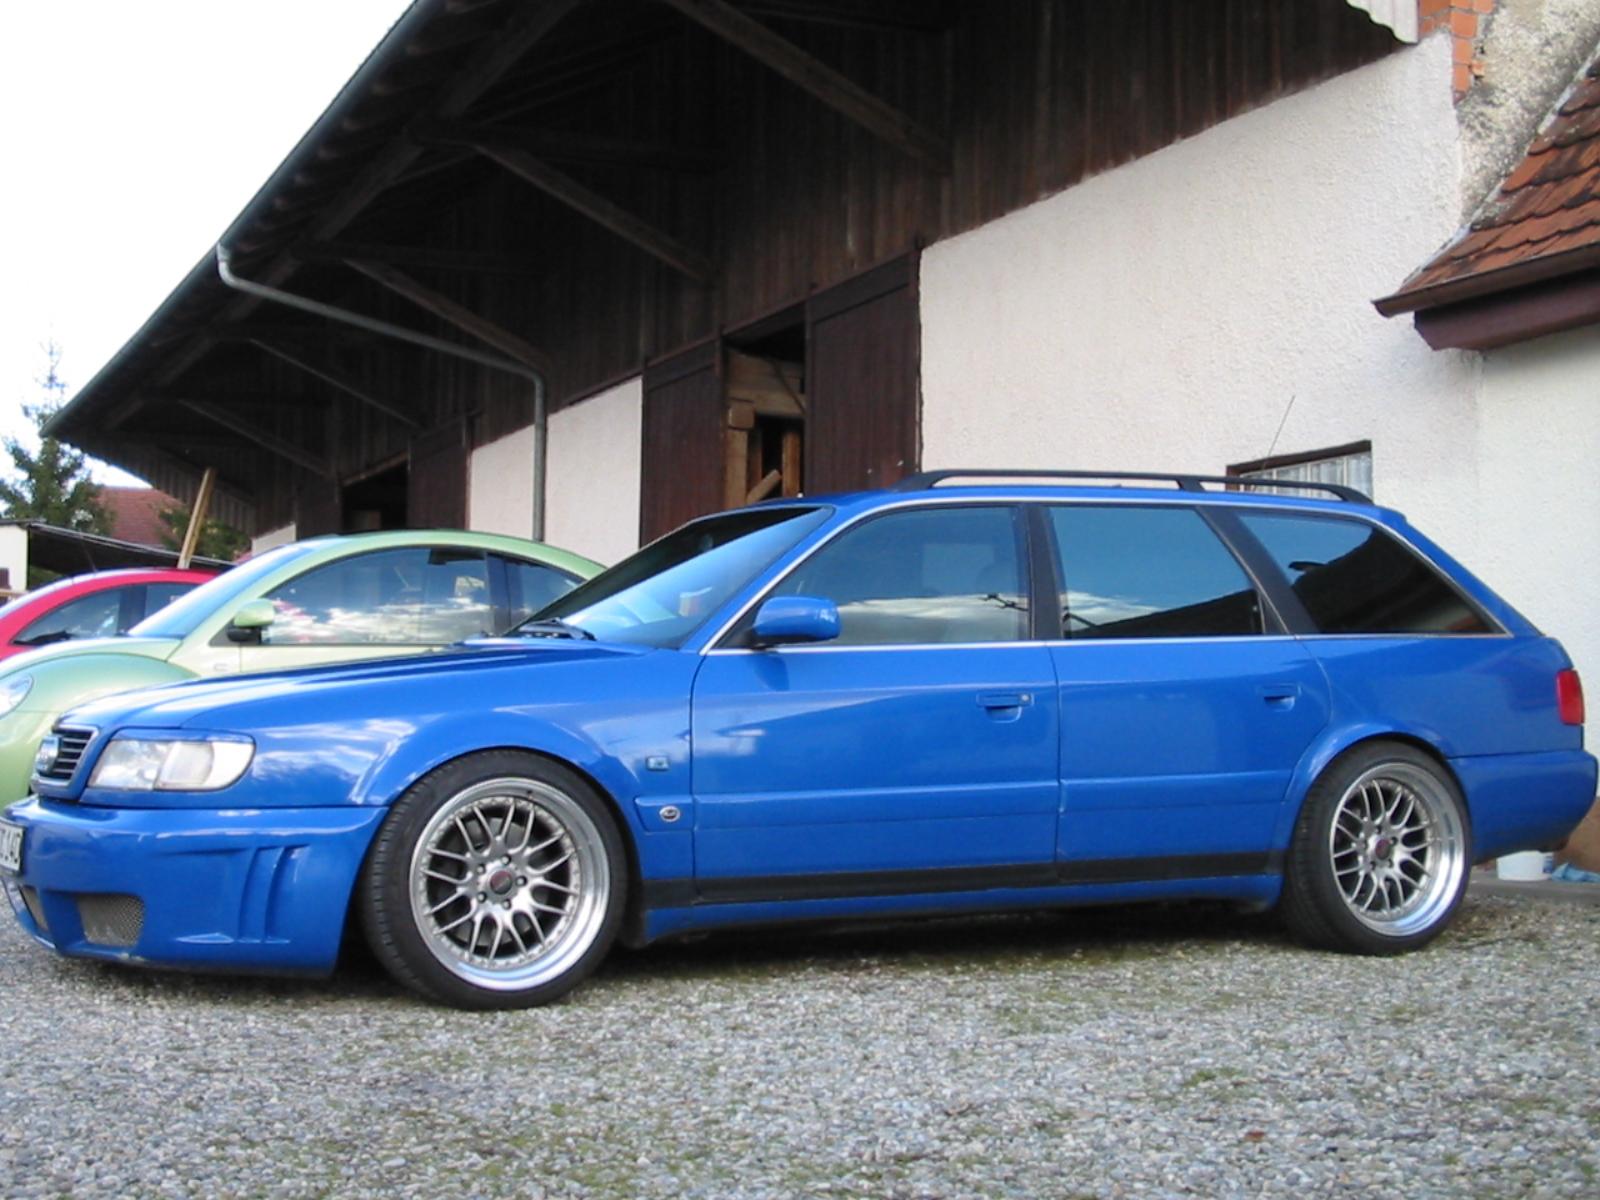 Auto Audi S6 C4 2.2i 20V Turbo - pagenstecher.de - Deine ...